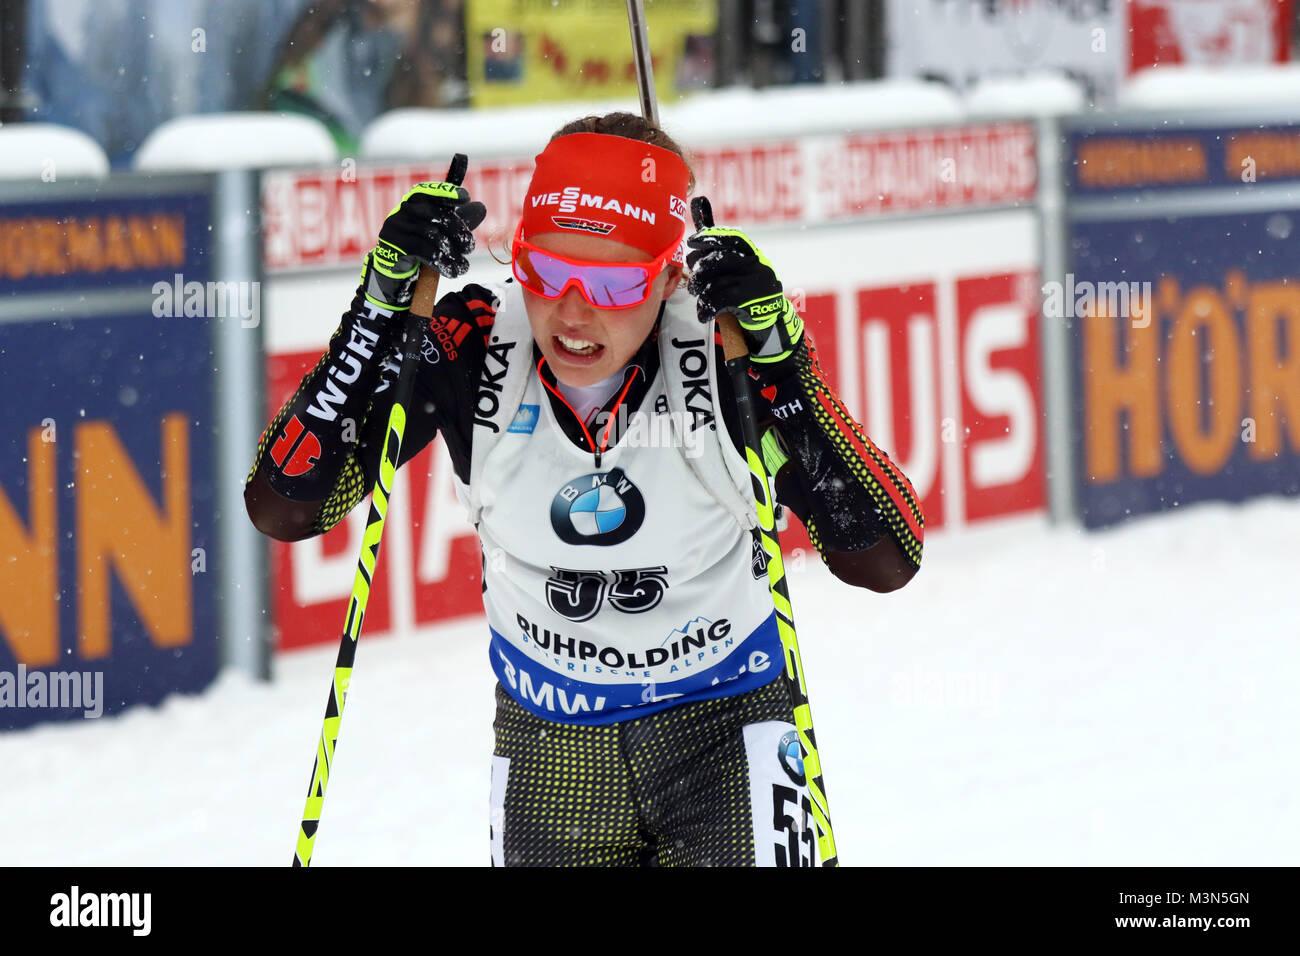 Laura Dahlmeier (SC Partenkirchen) nach dem Zieleinlauf beim Weltcup Ruhpolding 2017 - Sprint Frauen Stockbild